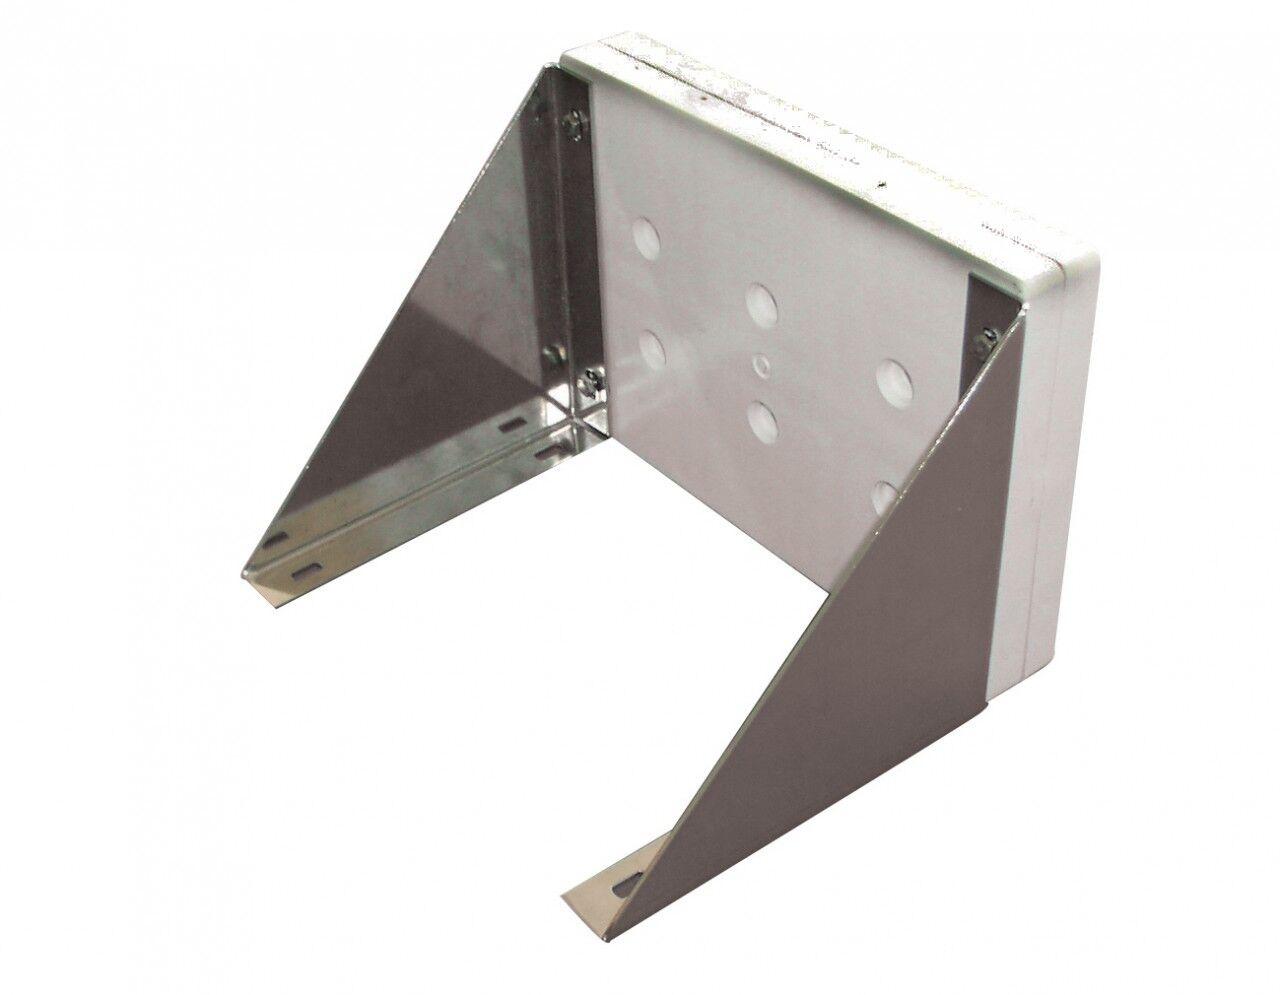 Osculati Motorhalter für Montage Außenborder auf Badeplattform - Edelstahlrahmen